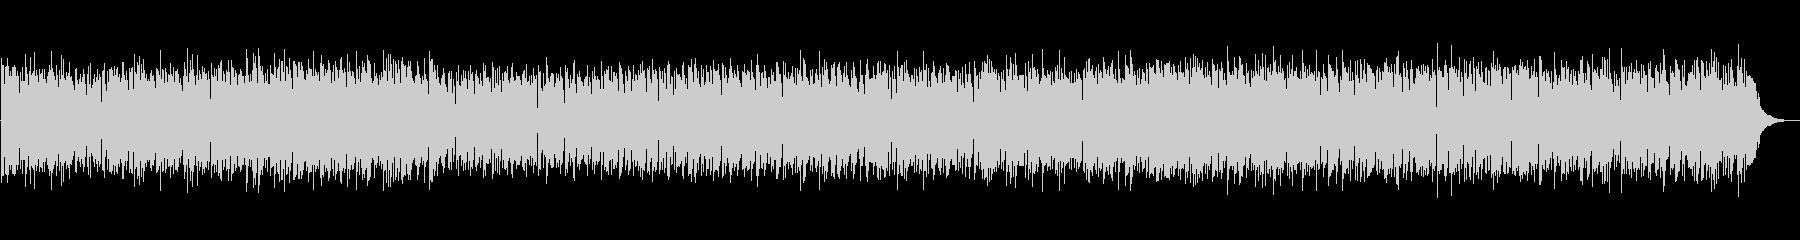 ほのぼのしたボサノバの未再生の波形